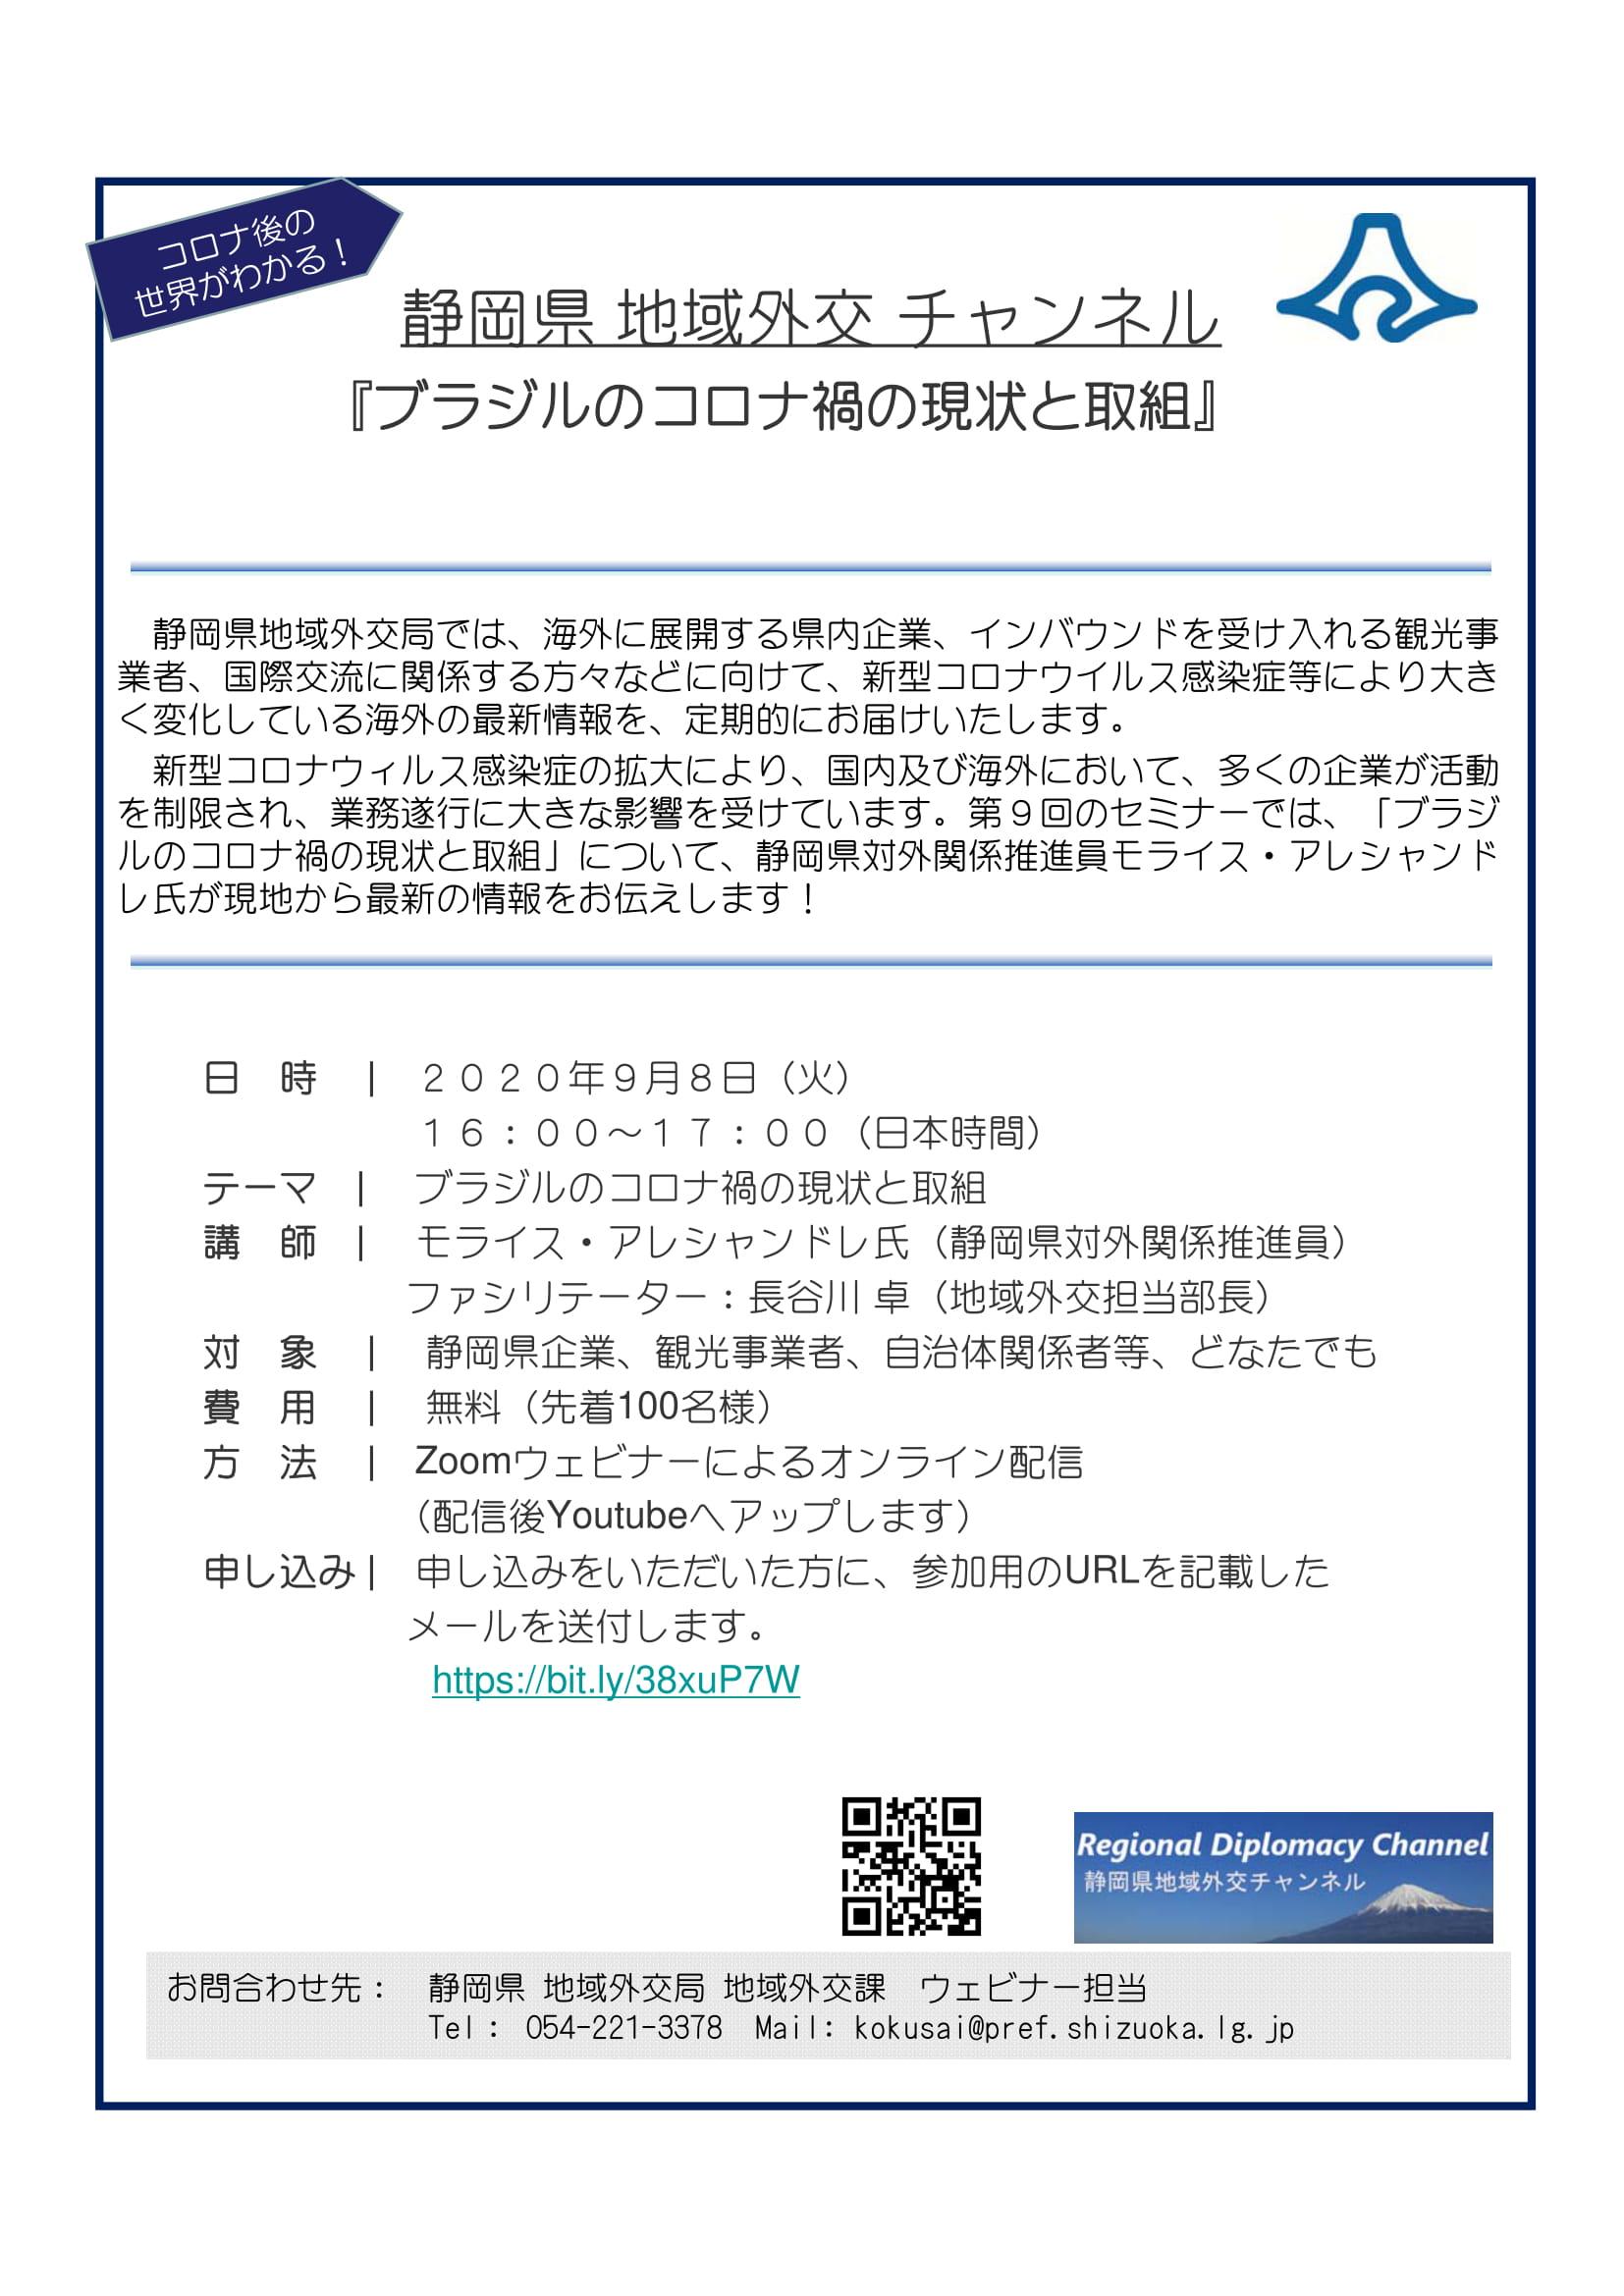 ご ちゃんねる コロナ ニュース速報+ - 5ちゃんねる掲示板